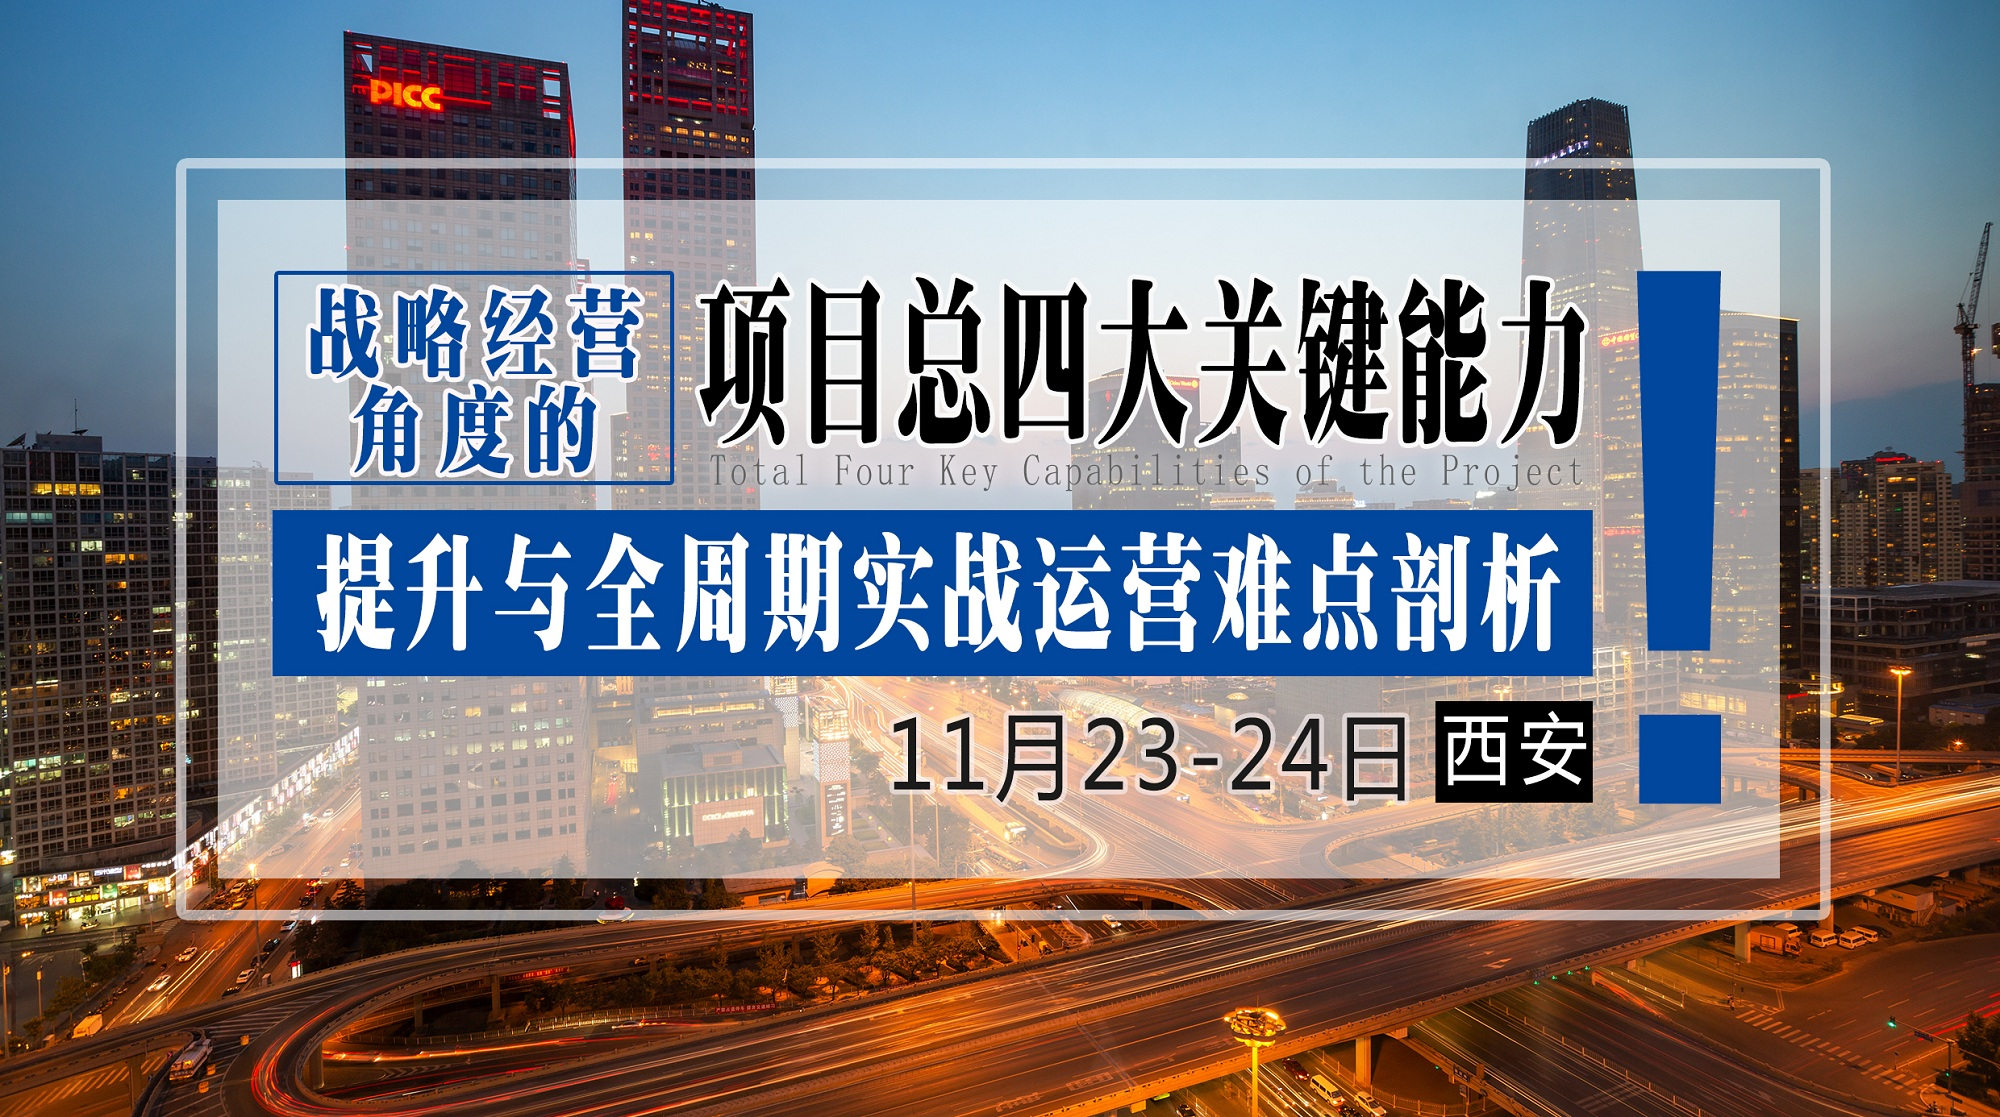 11月23-24日【西安】《战略经营角度的项目总四大关键能力提升与全周期实战运营难点剖析》